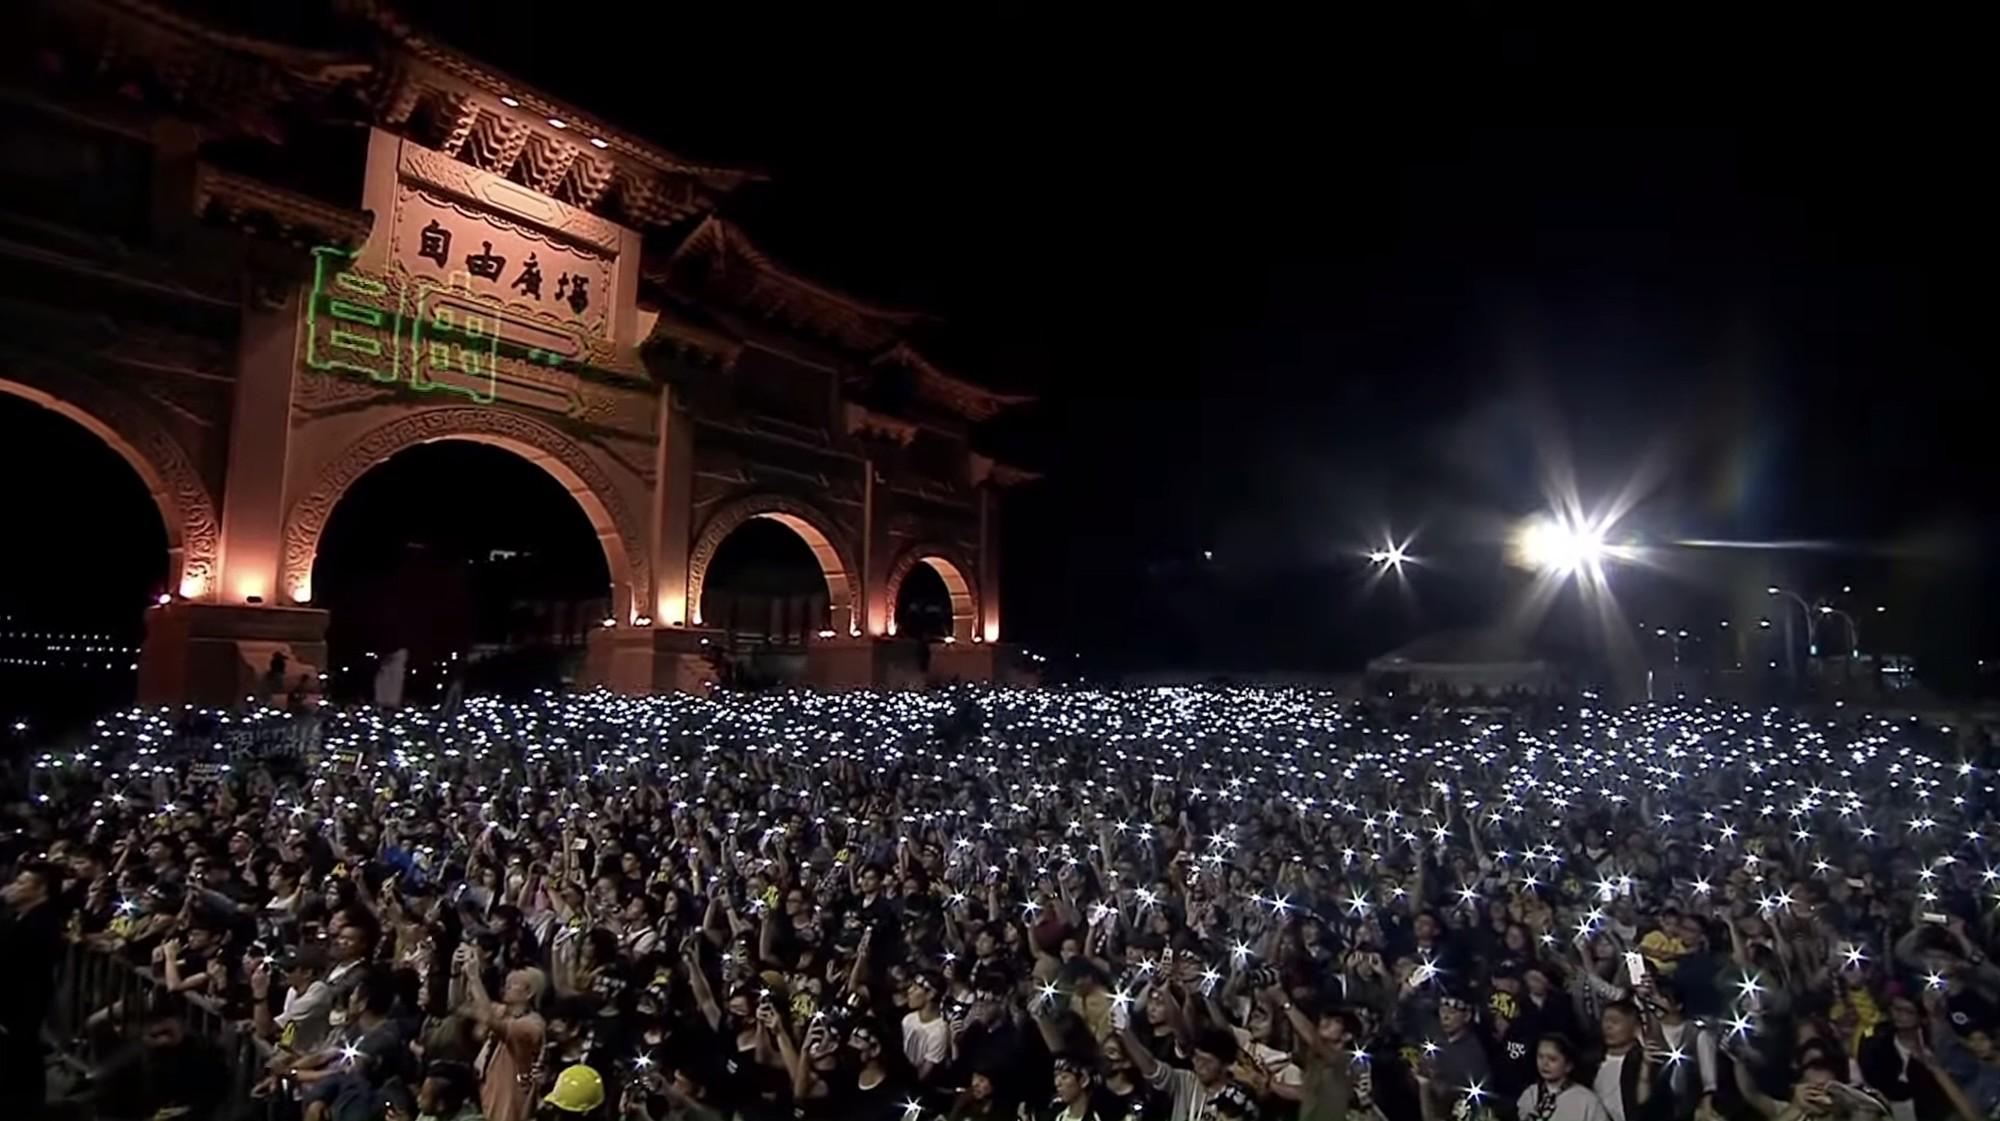 台灣對香港學生提供人道援助 港民感謝